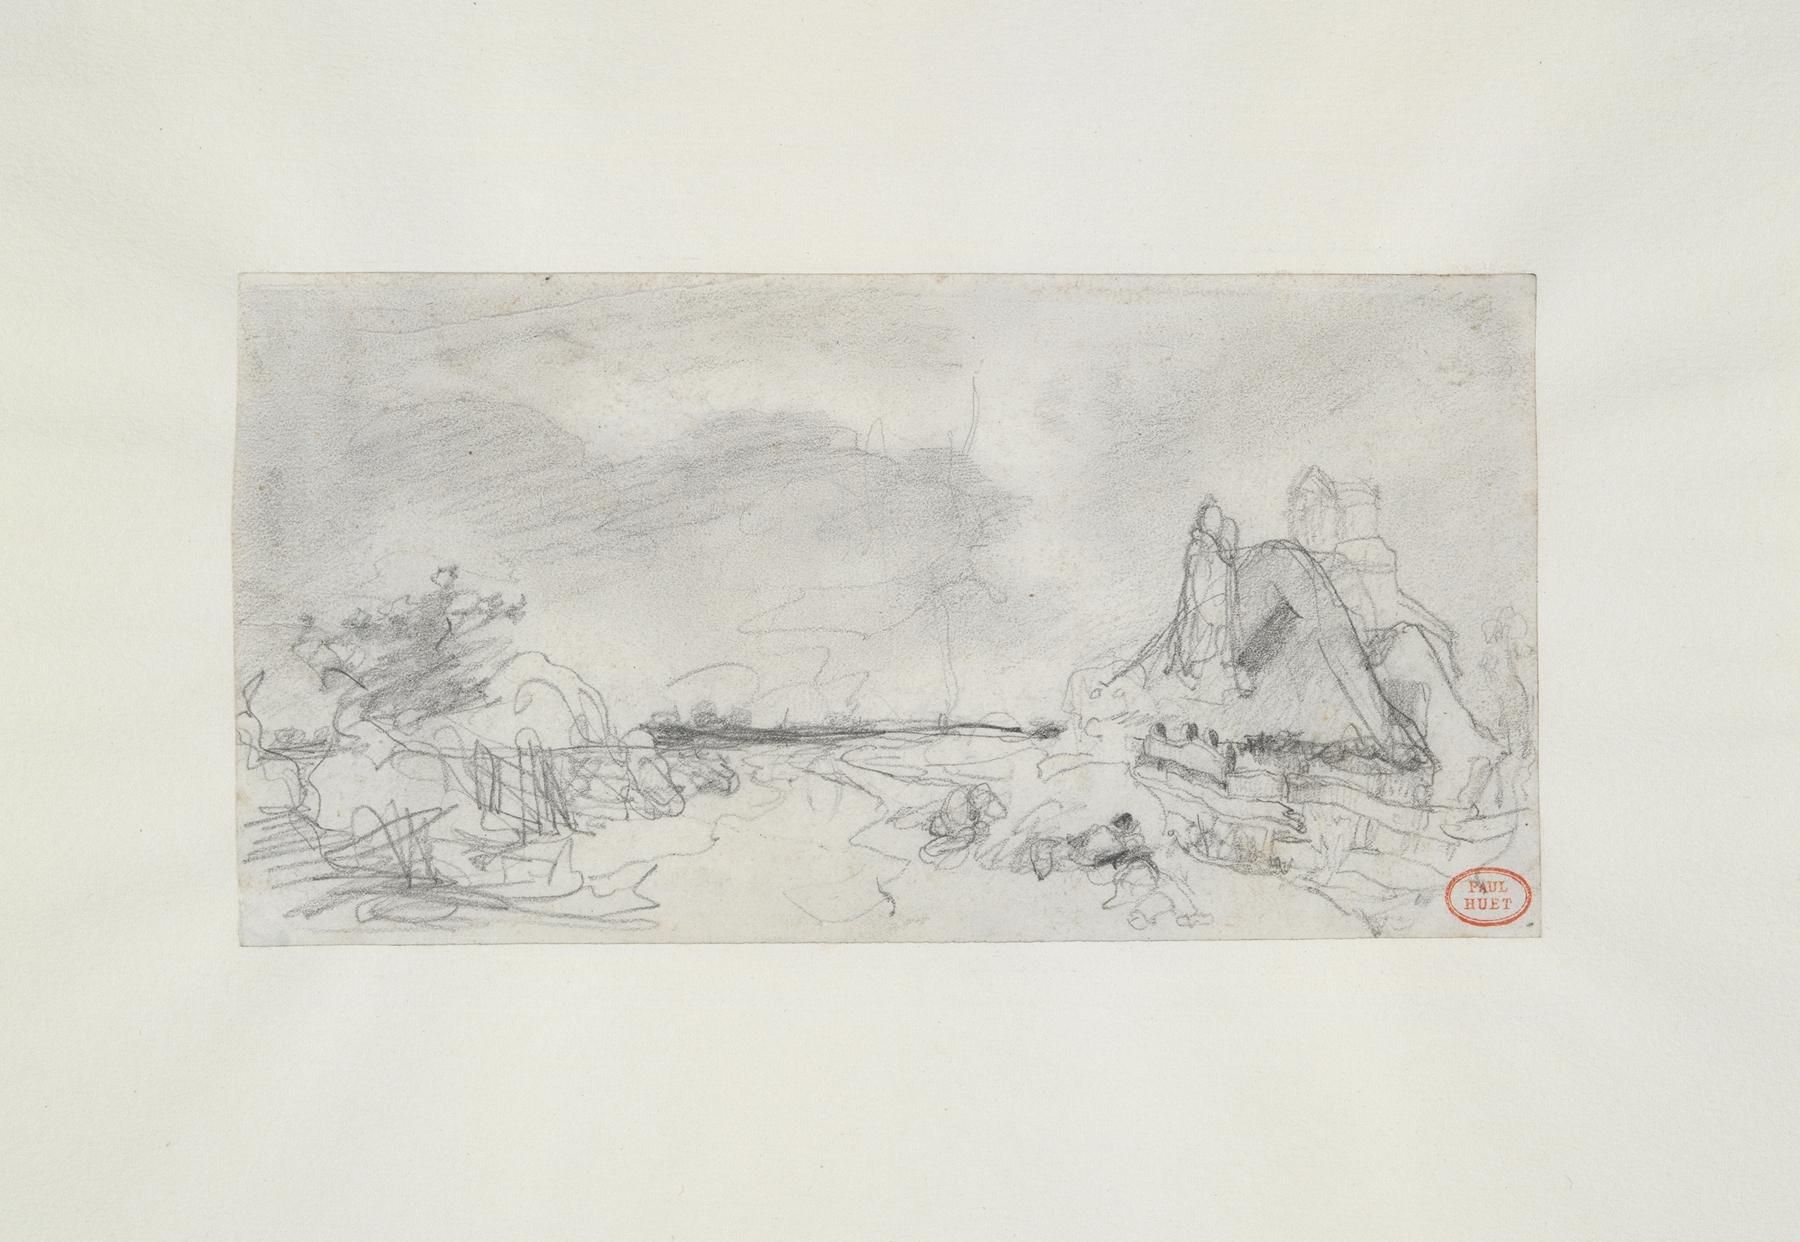 Paul Huet - Landscape